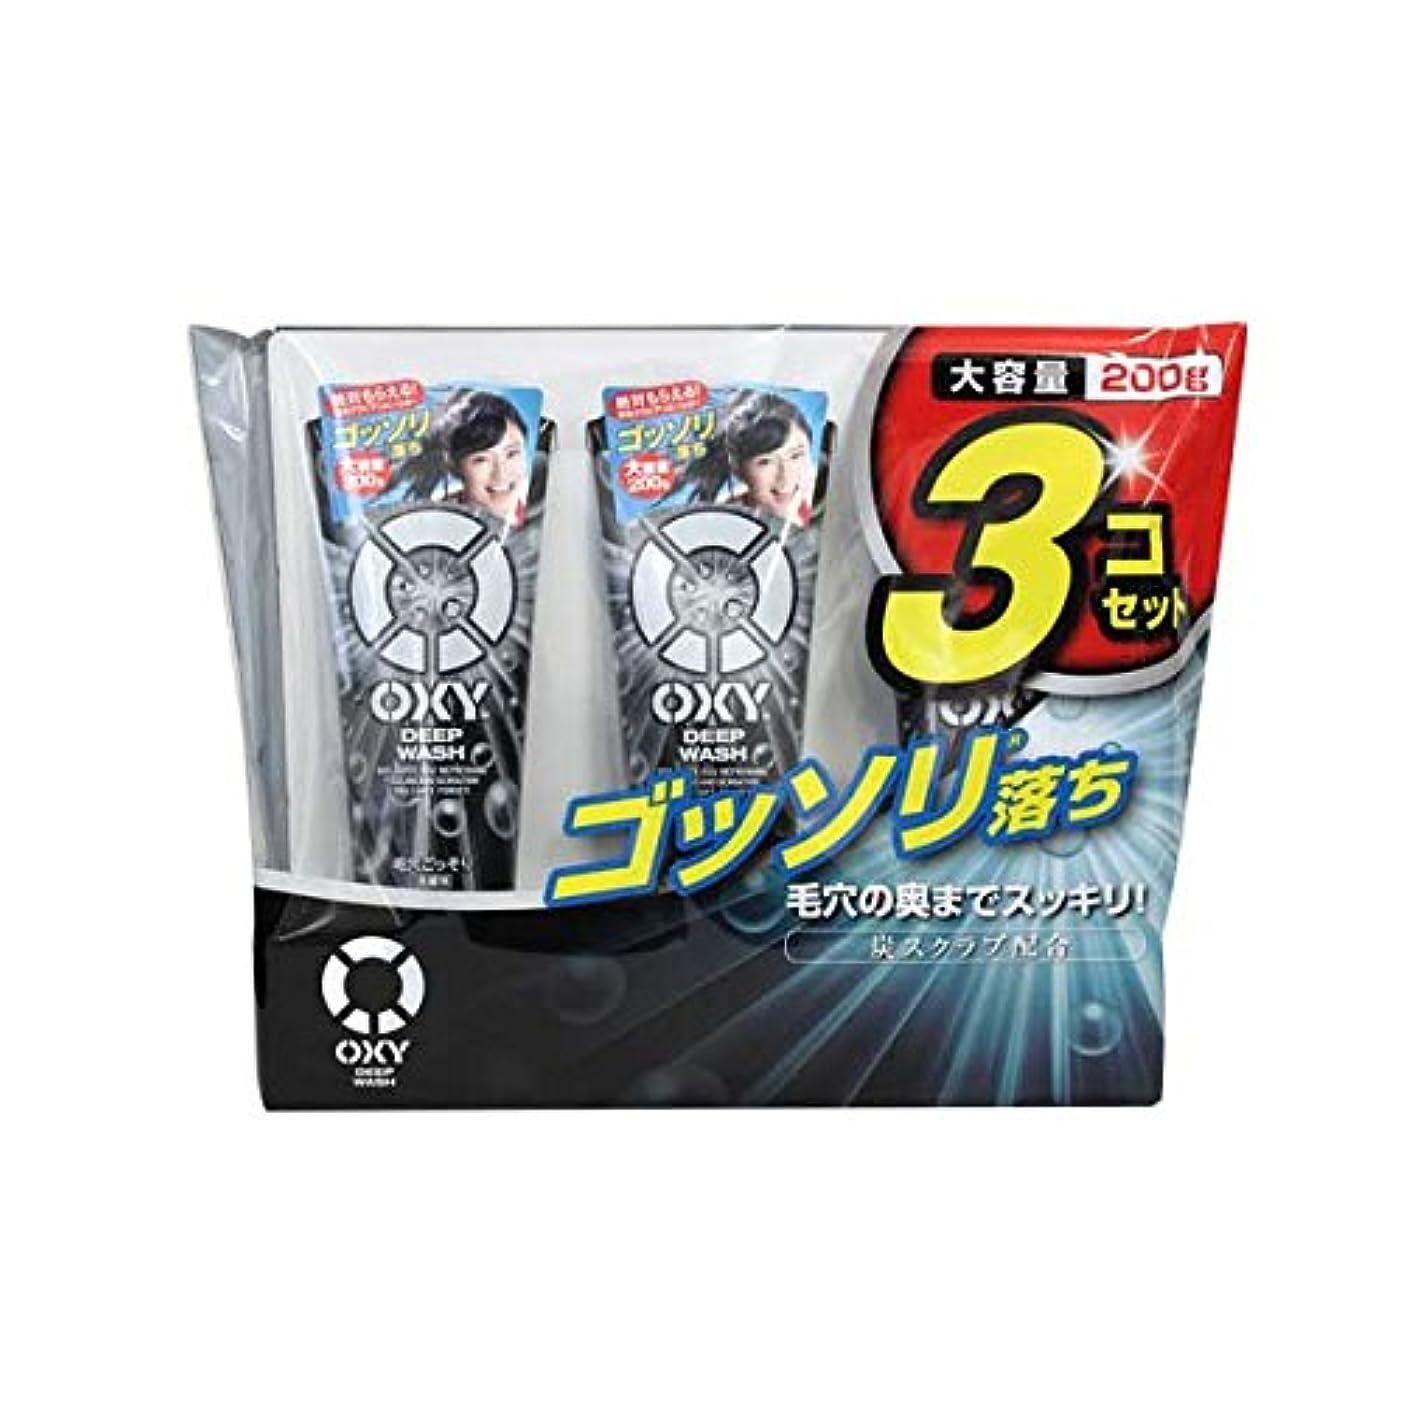 指標鰐人形OXY 炭スクラブ洗顔料 大容量 200gx3本